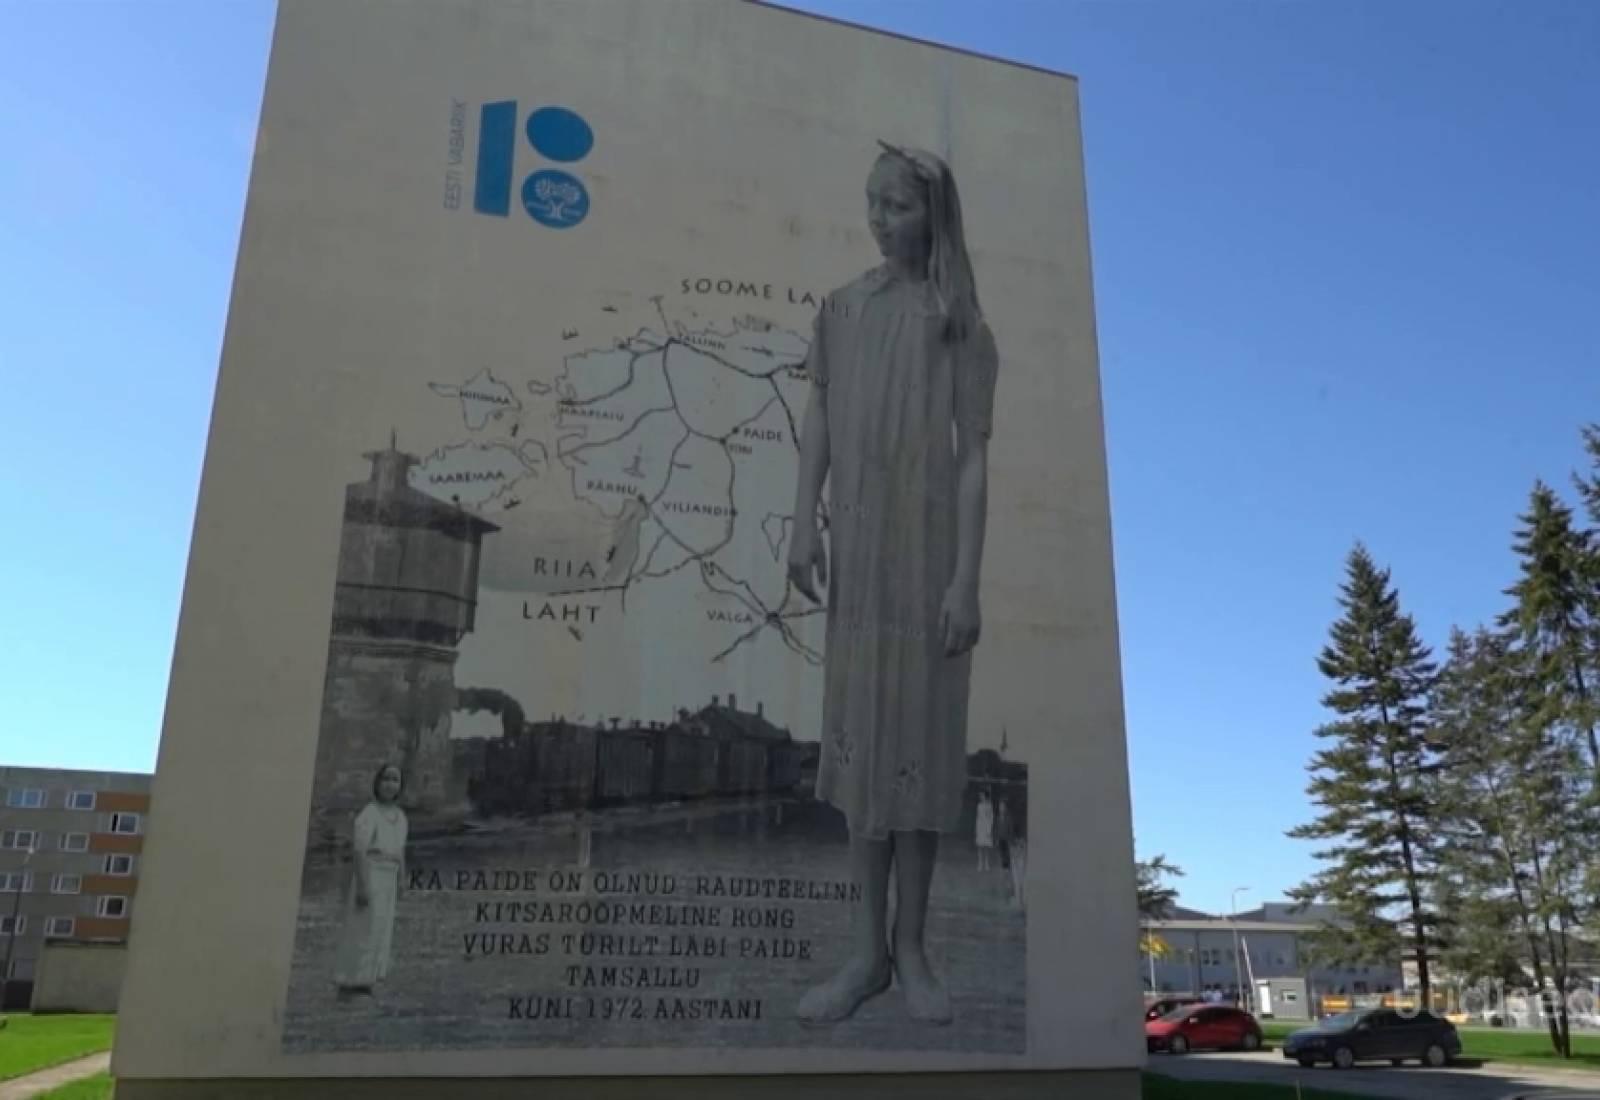 VIDEO! Paide kortermajale joonistati maailma suurim trükitud seinapilt